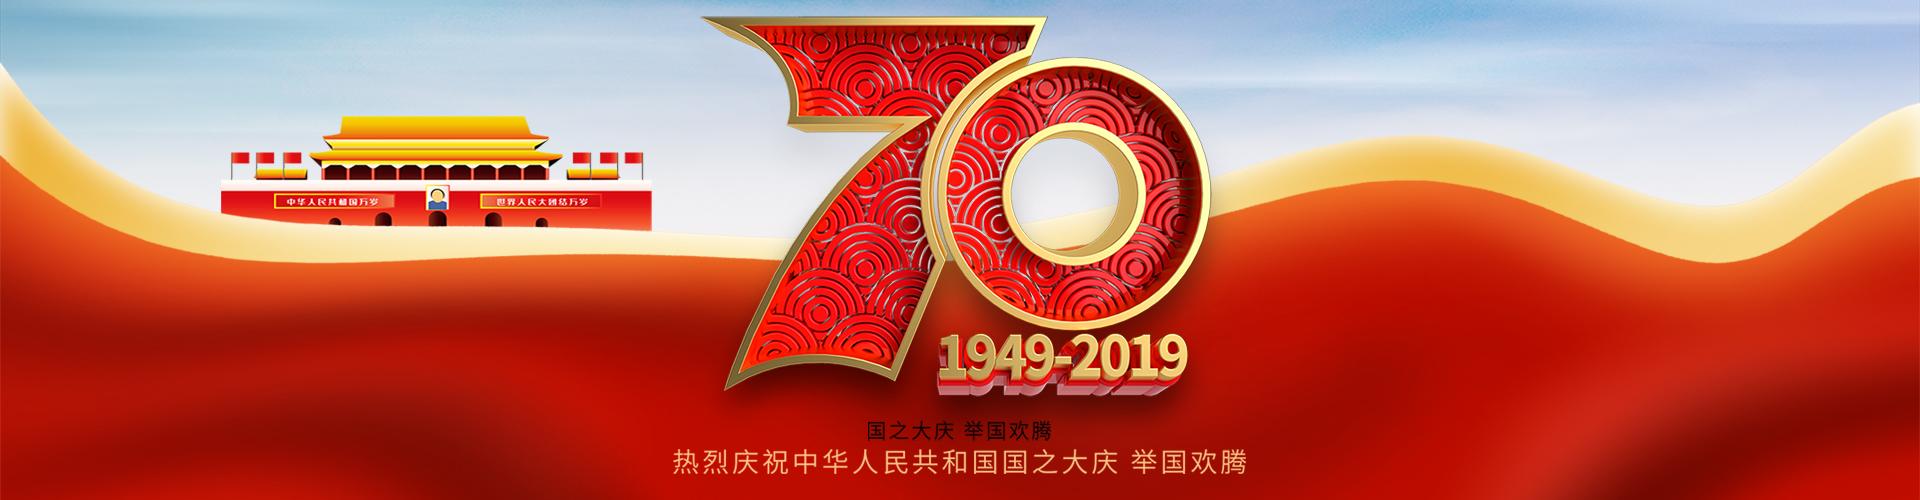 广西西变变电设备有限公司祝祖国母亲70岁生日快乐